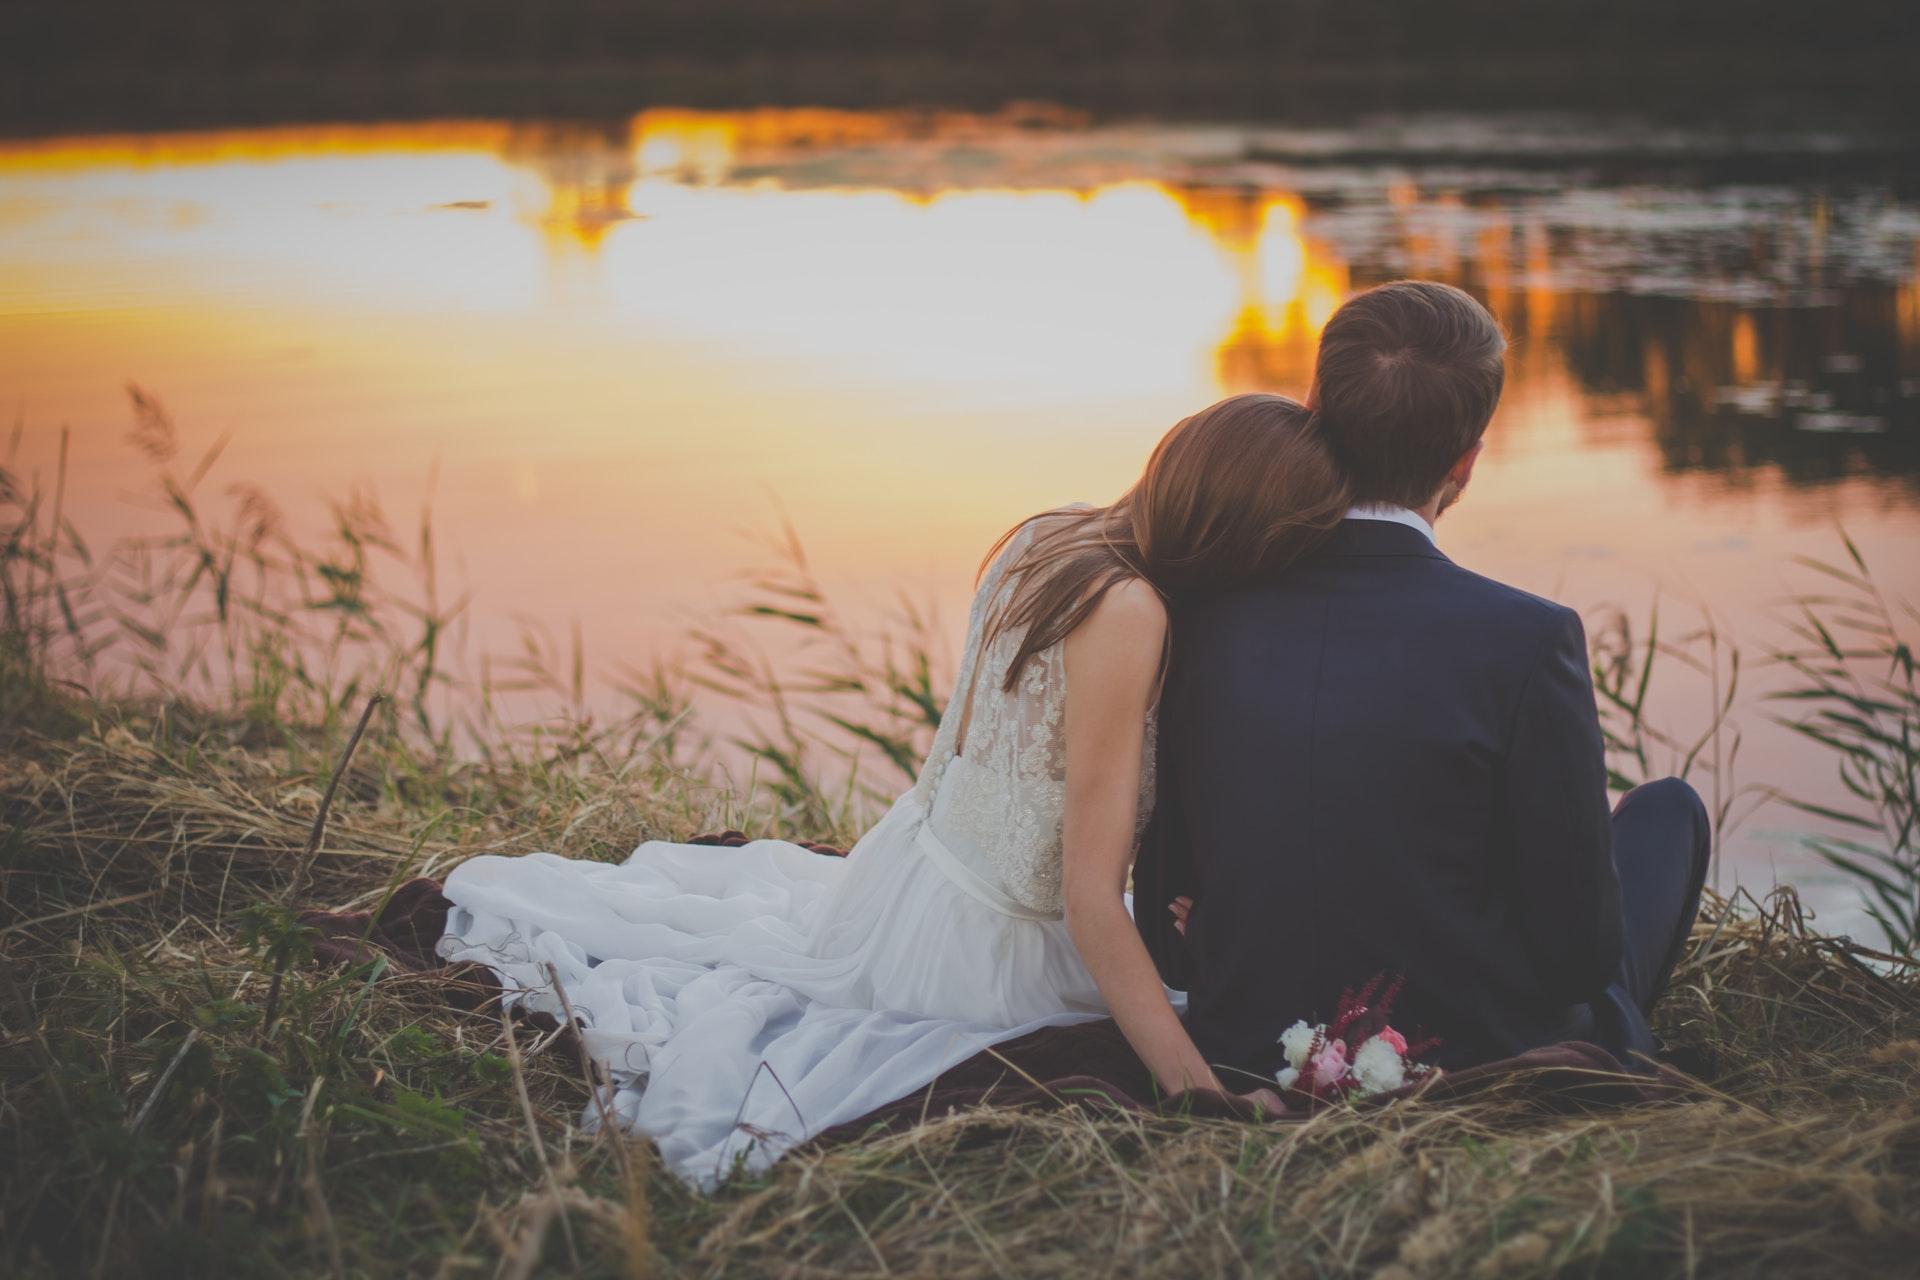 W nauce istnieje teoria, że potrzeba miłości romantycznej należy do podstawowych popędów człowieka (fot. pexels.com)